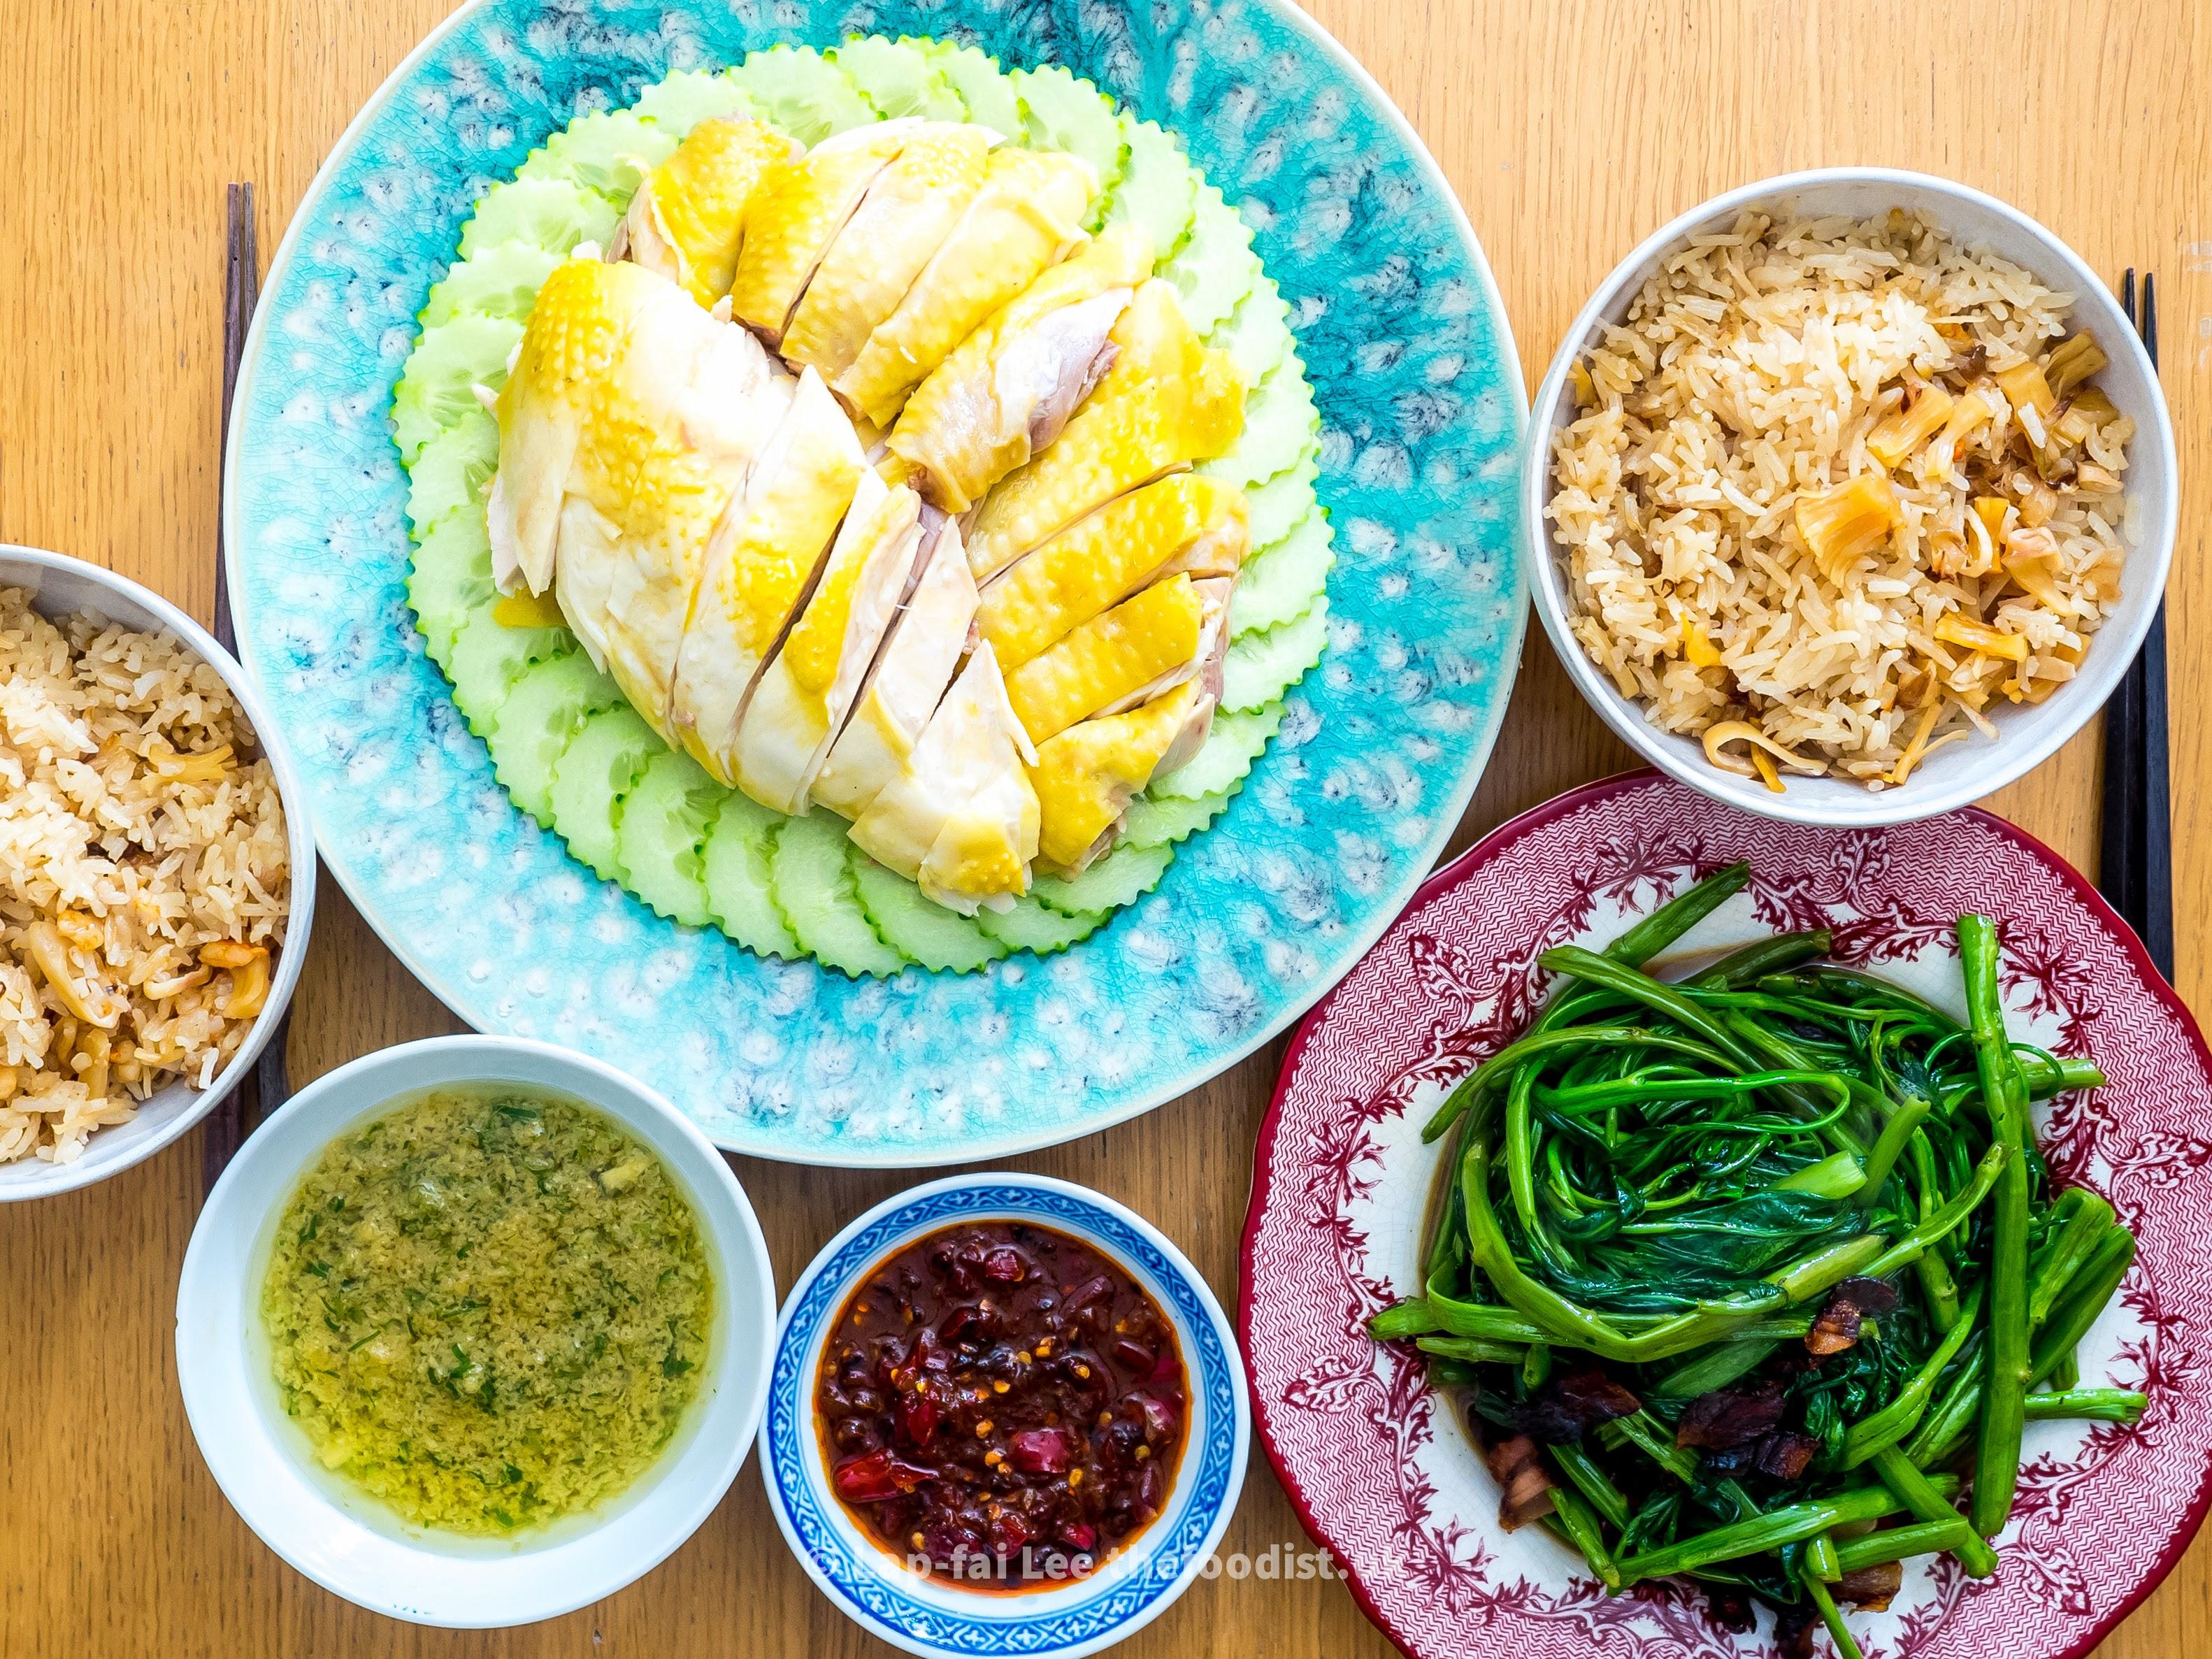 Vietnamese Restaurants In Birmingham Uk   trirestaurant.com